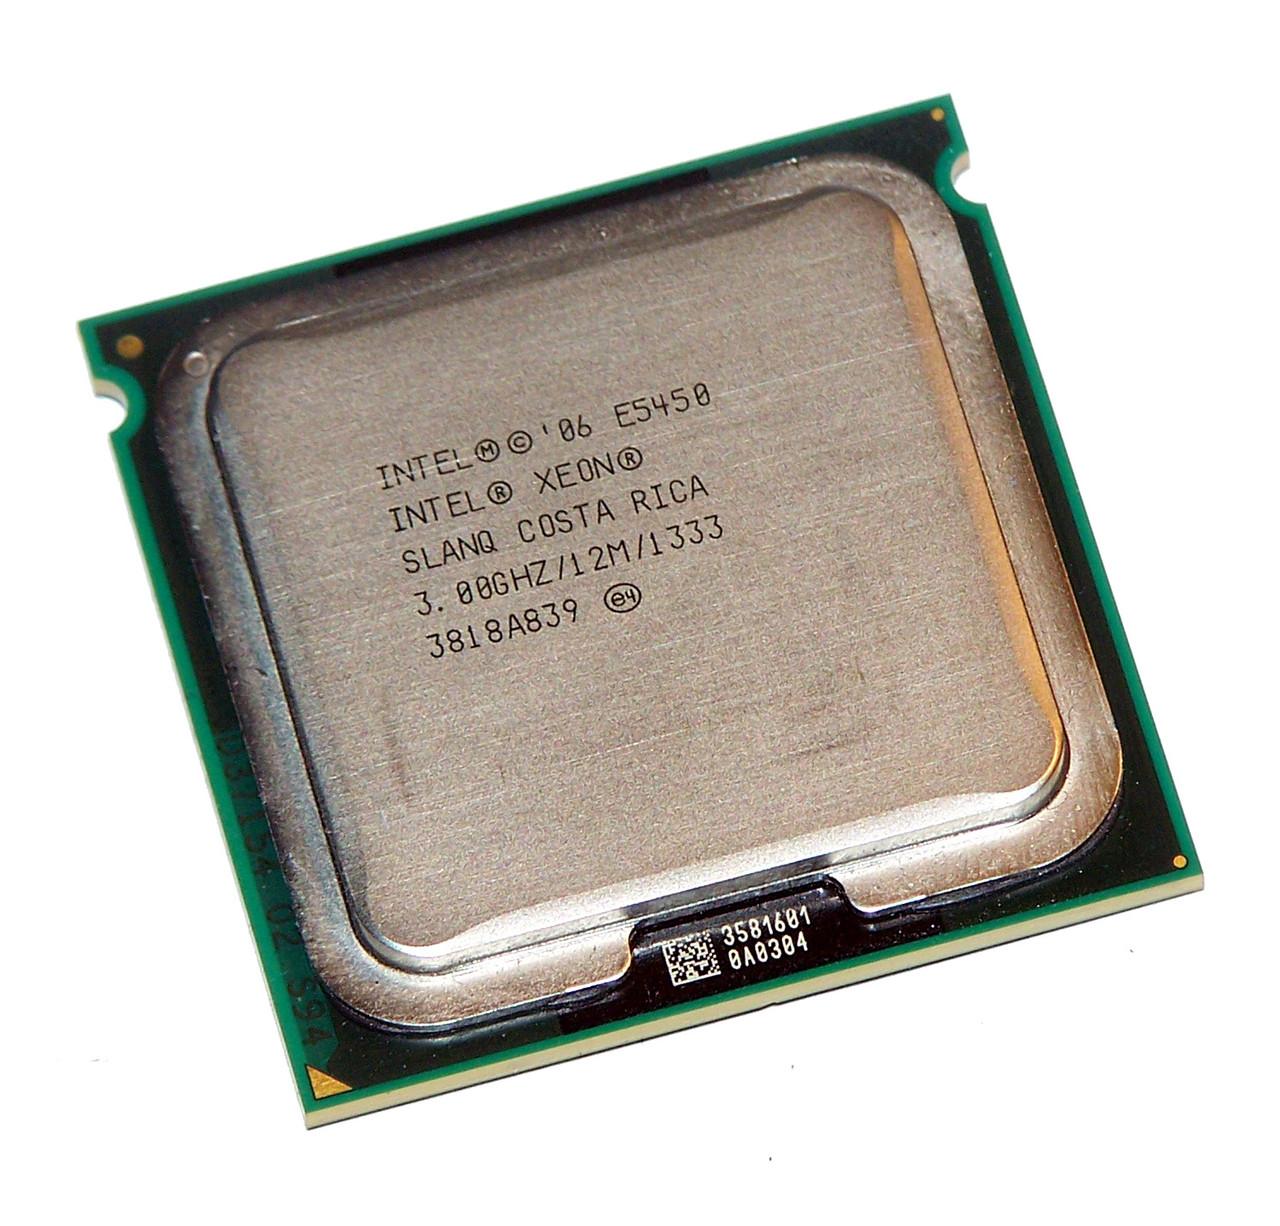 Процессор 4X Intel XEON E5450 4x3.0GHz + адаптер LGA775